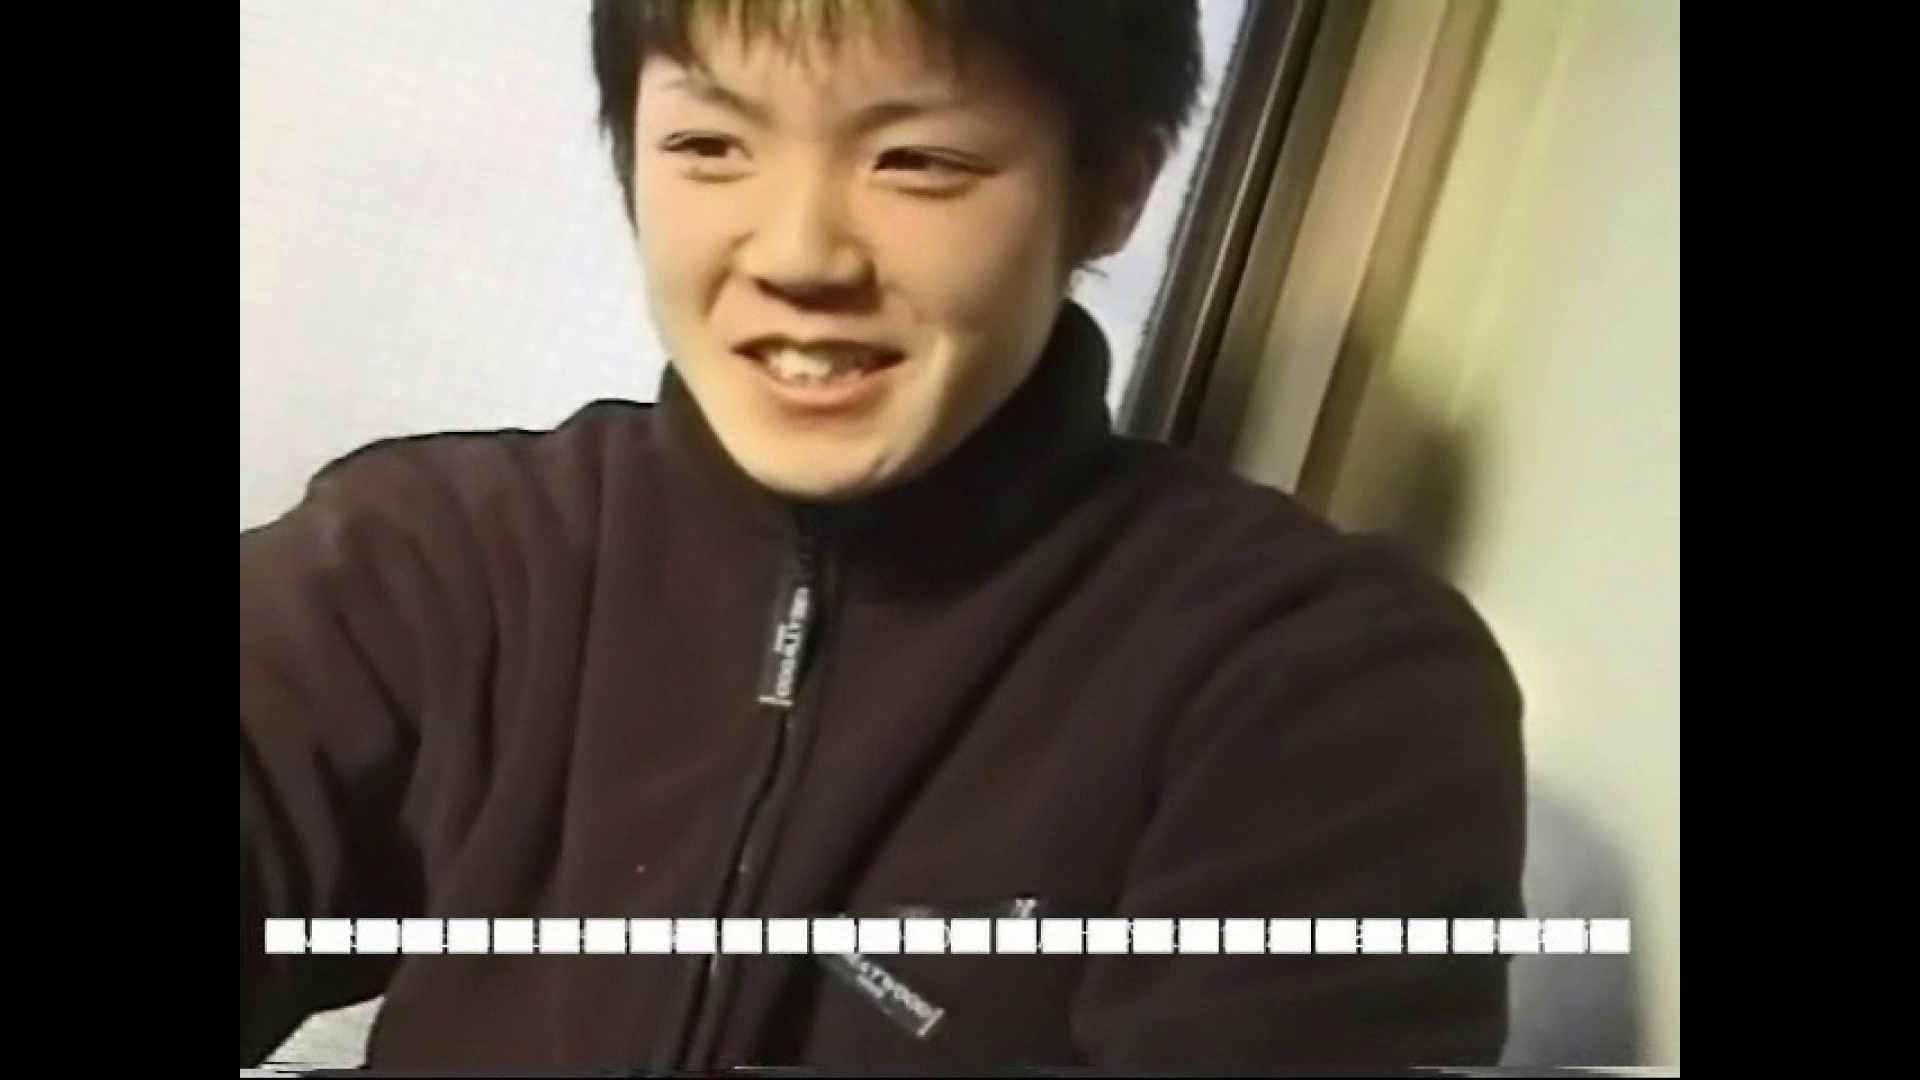 オナれ!集まれ!イケてるメンズ達!!File.48 男・男・男 ゲイセックス画像 61枚 3